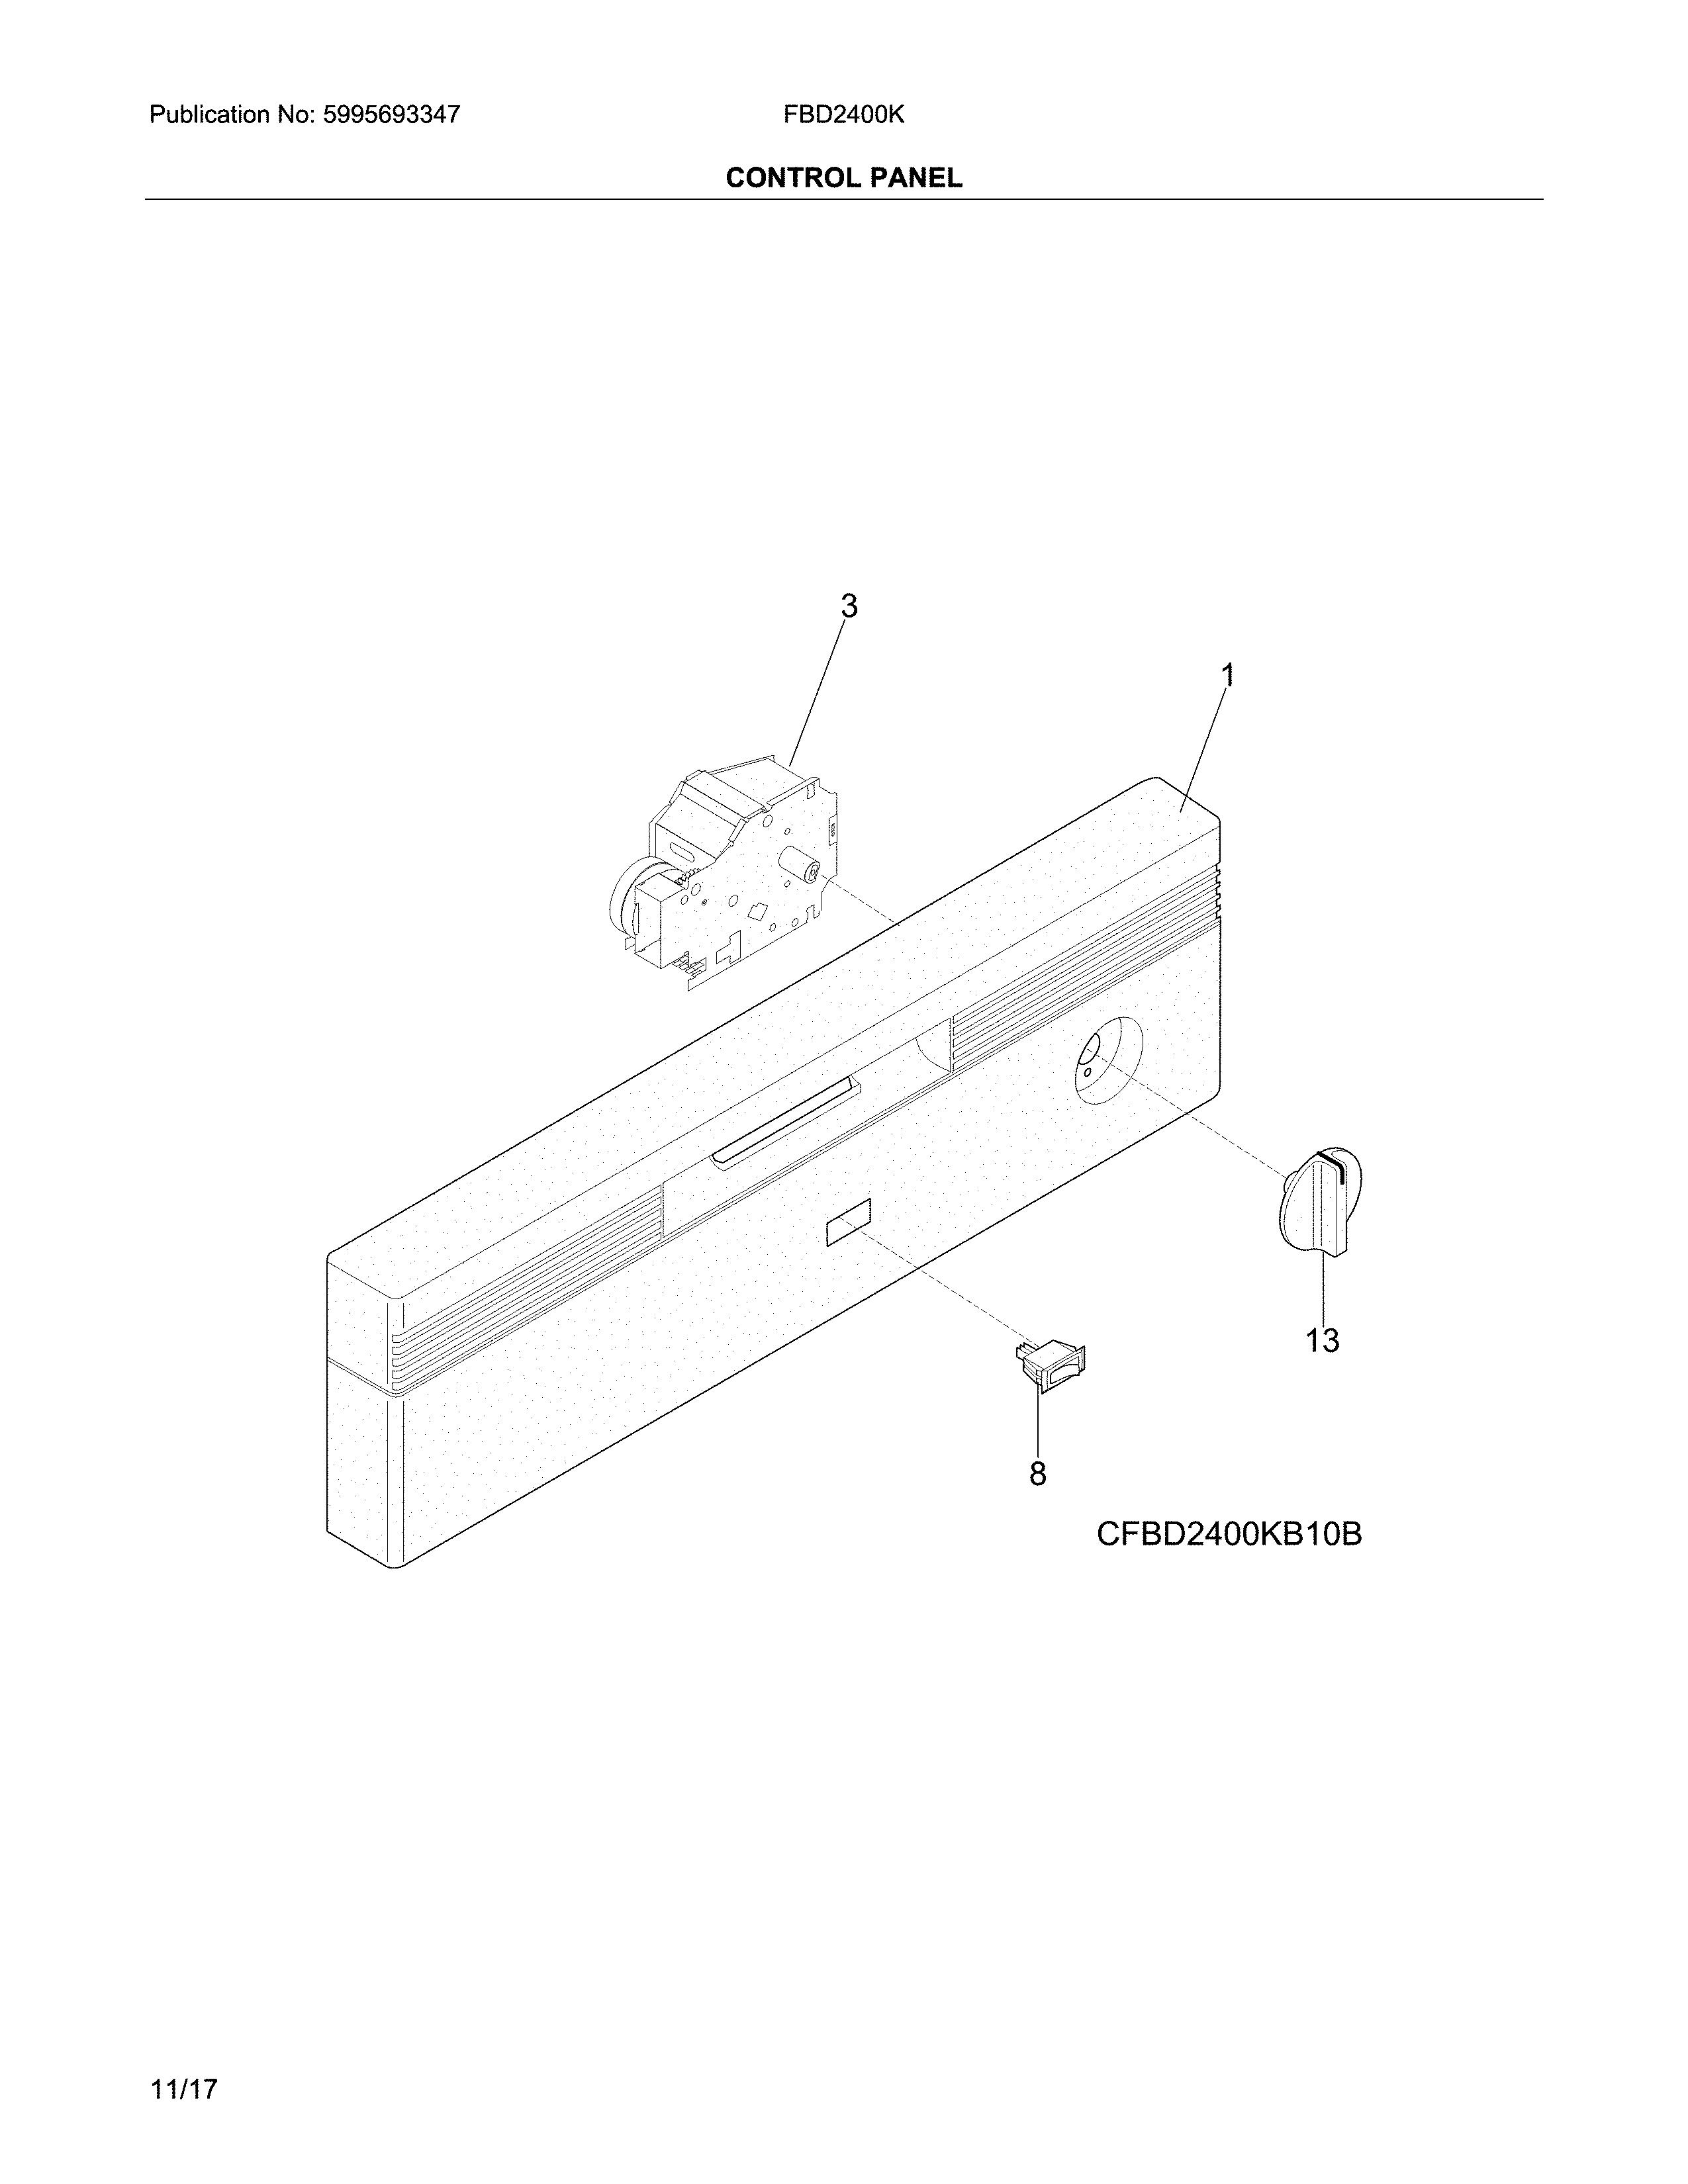 frigidaire dishwasher model fbd2400kw12b manual